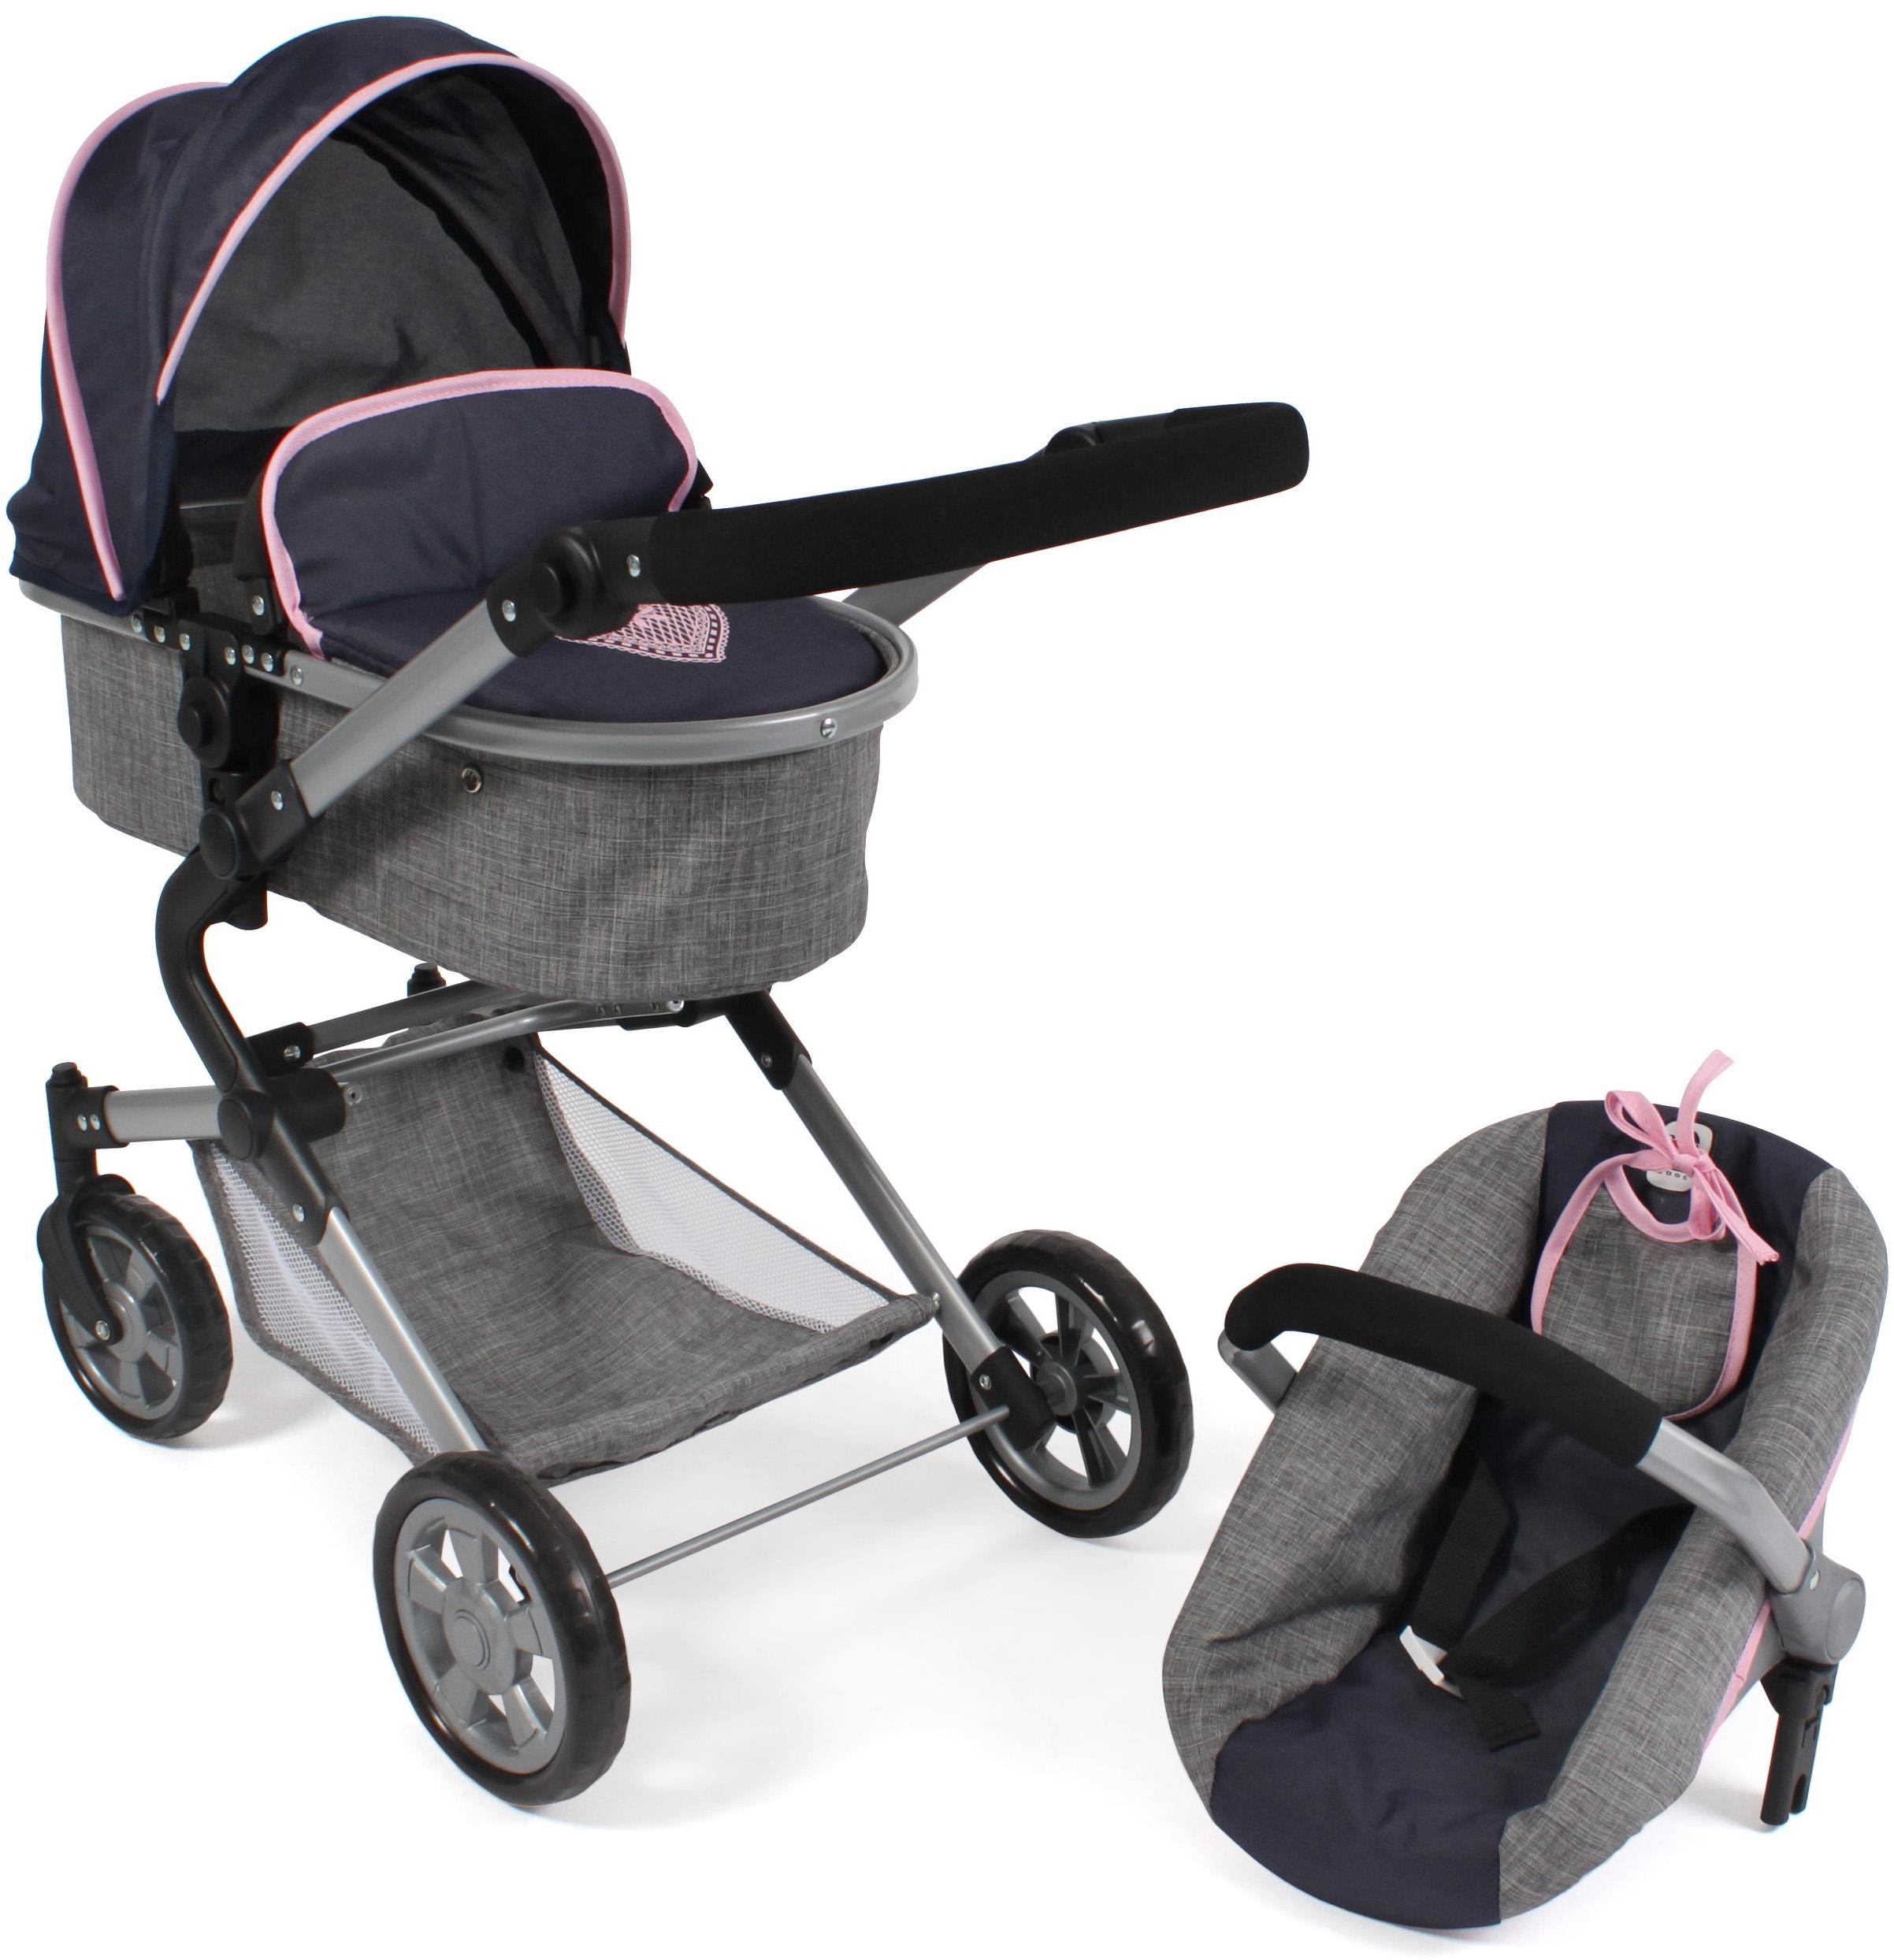 CHIC2000 Kombi-Puppenwagen Lia, grau-navy, mit Puppen-Autositz blau Kinder Puppenzubehör Puppen